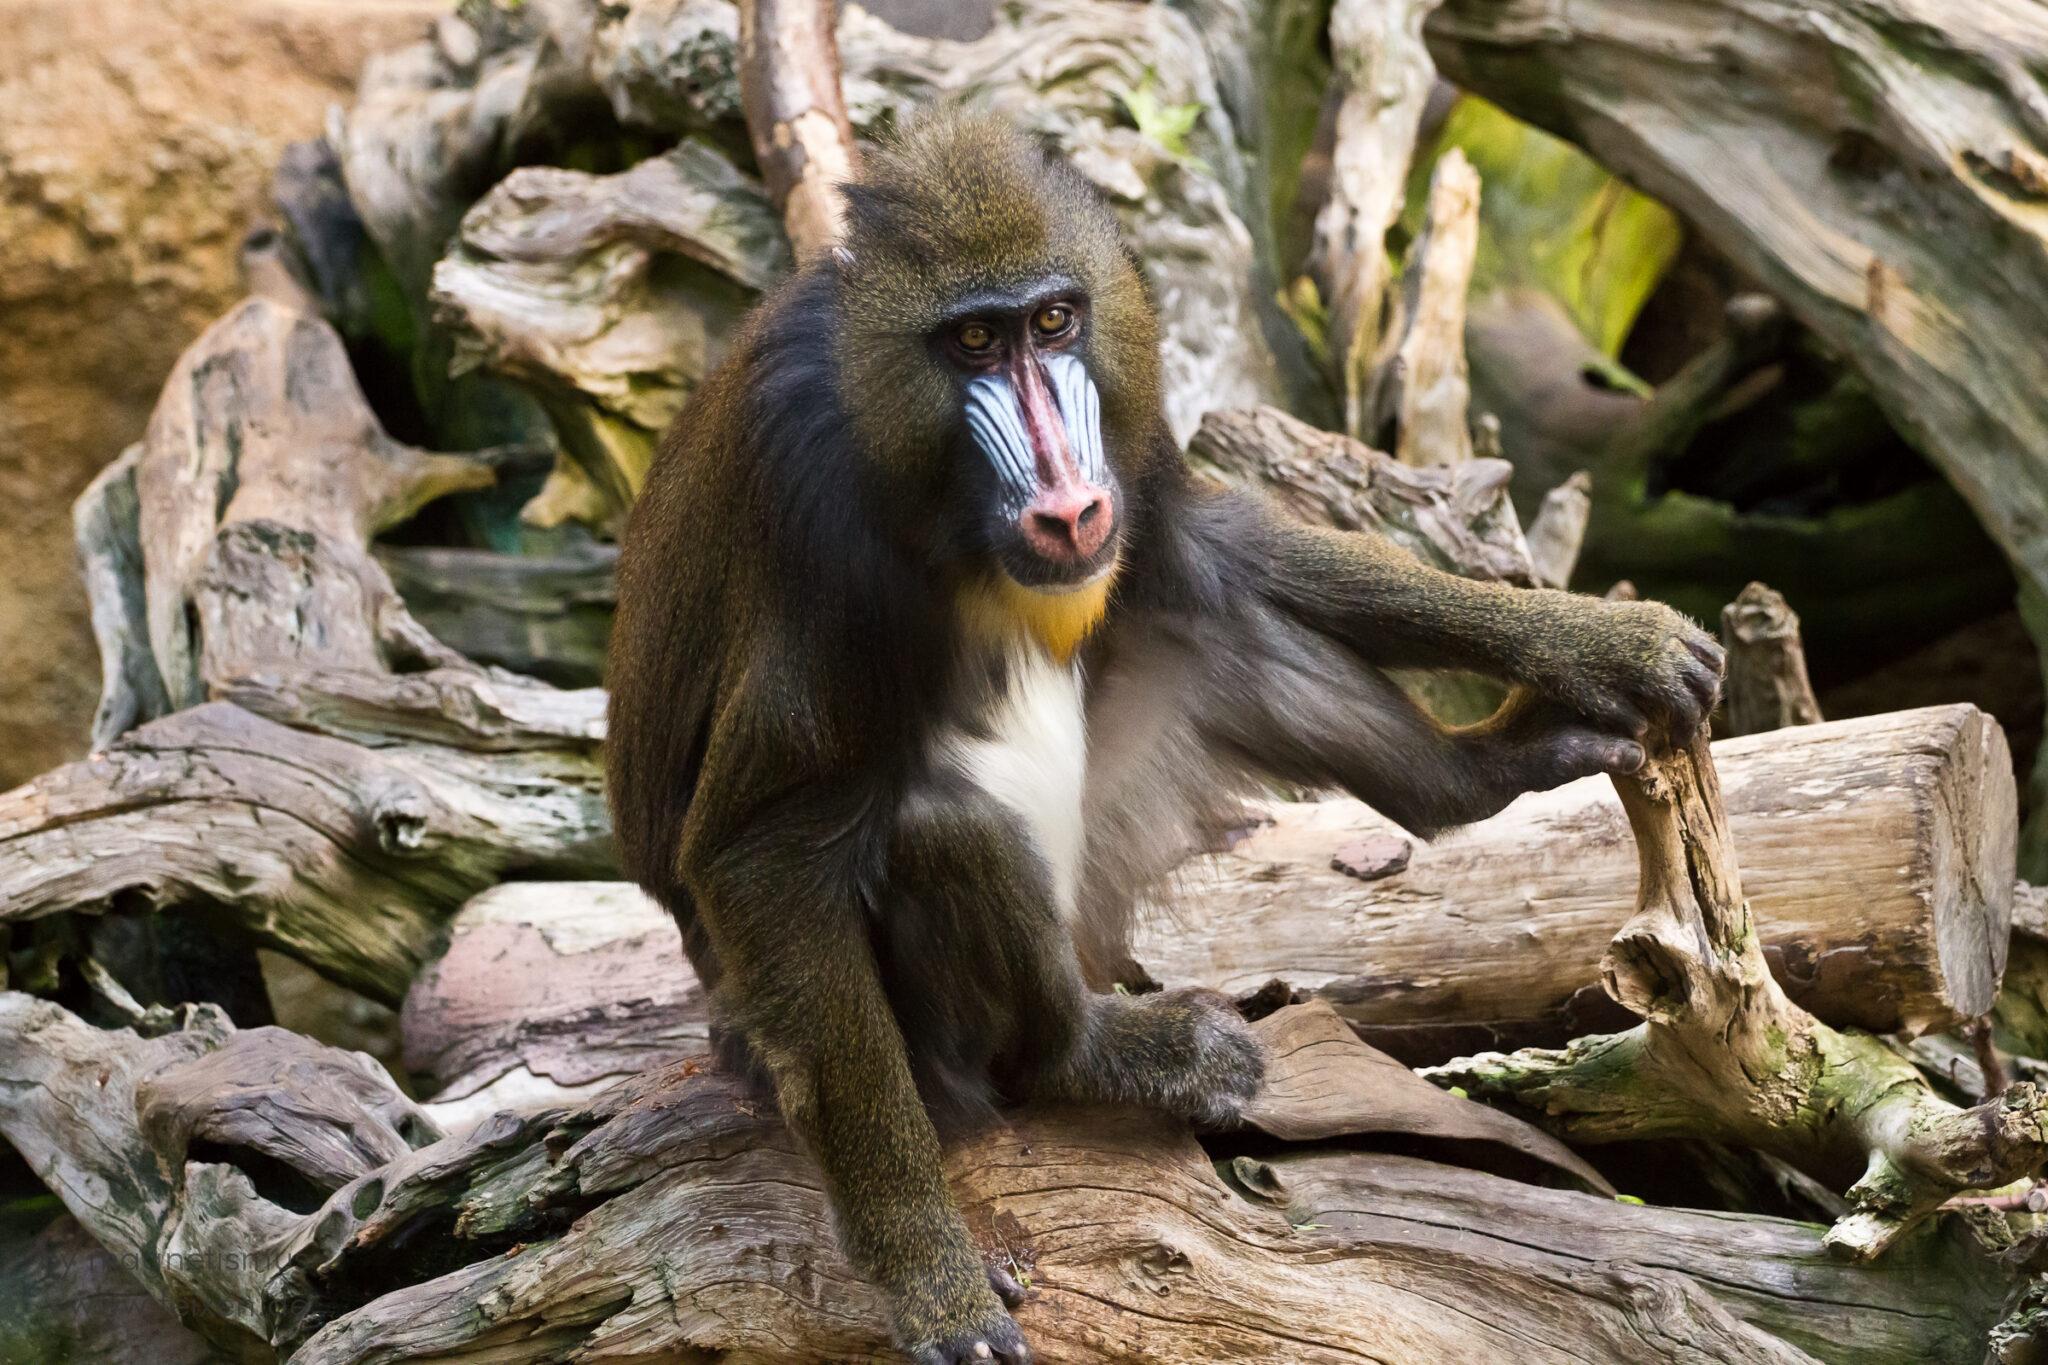 Ein Mandrill-Affe auf einem Baumstamm im Zoo Dresden.